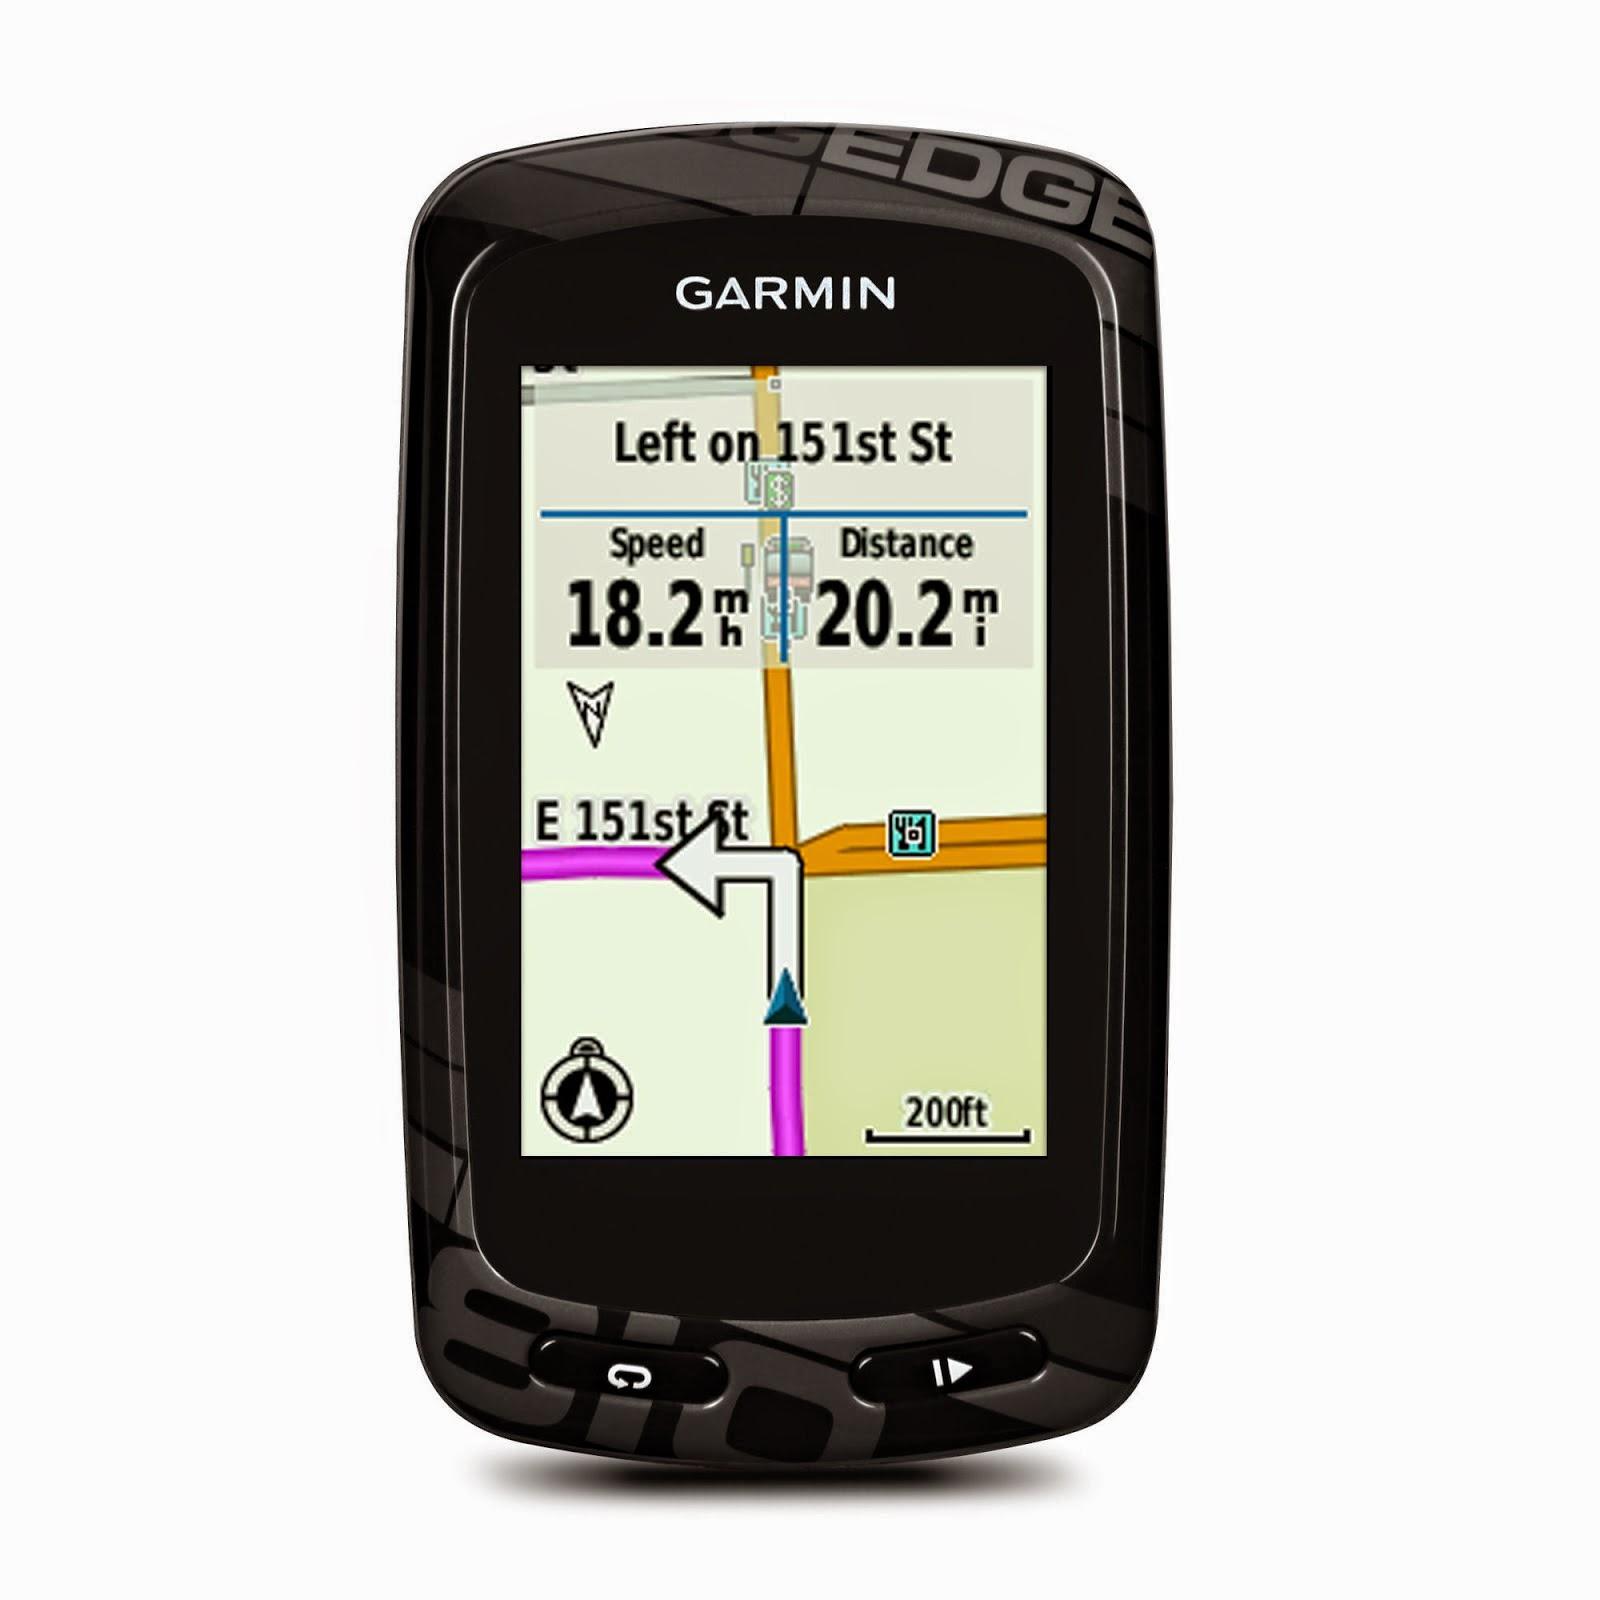 Garmin Edge 810 Cycling Computer